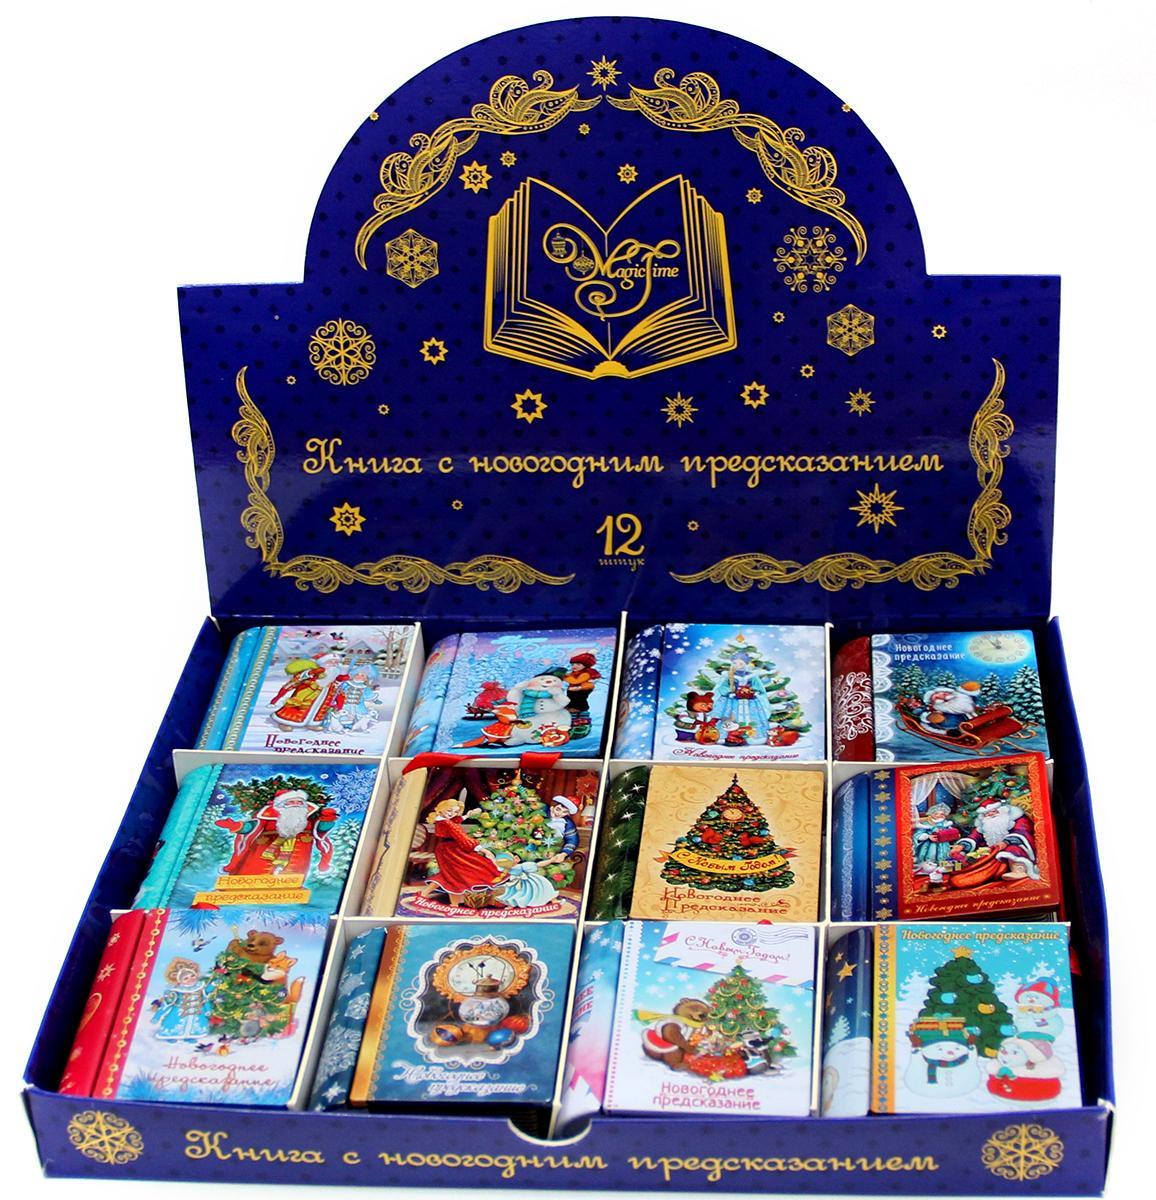 Новогоднее подвесное украшение Magic Time Книга, с пожеланием внутри, 12 шт украшение книга сказок magic home украшение книга сказок